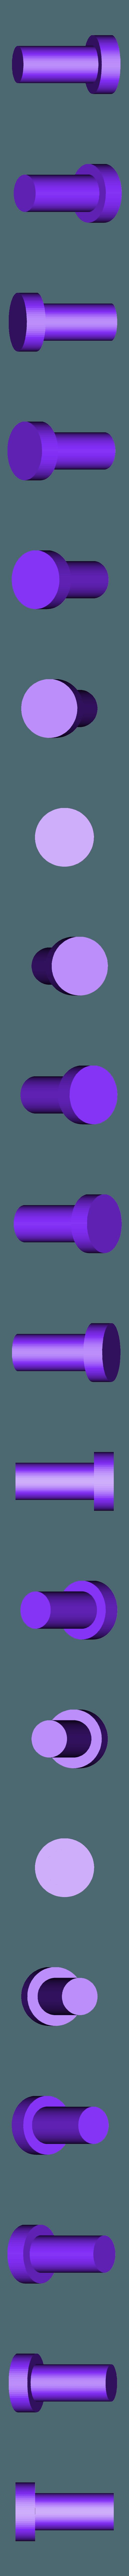 Wheel_Pin.stl Télécharger fichier STL gratuit Métro de NYC • Modèle pour imprimante 3D, Dsk